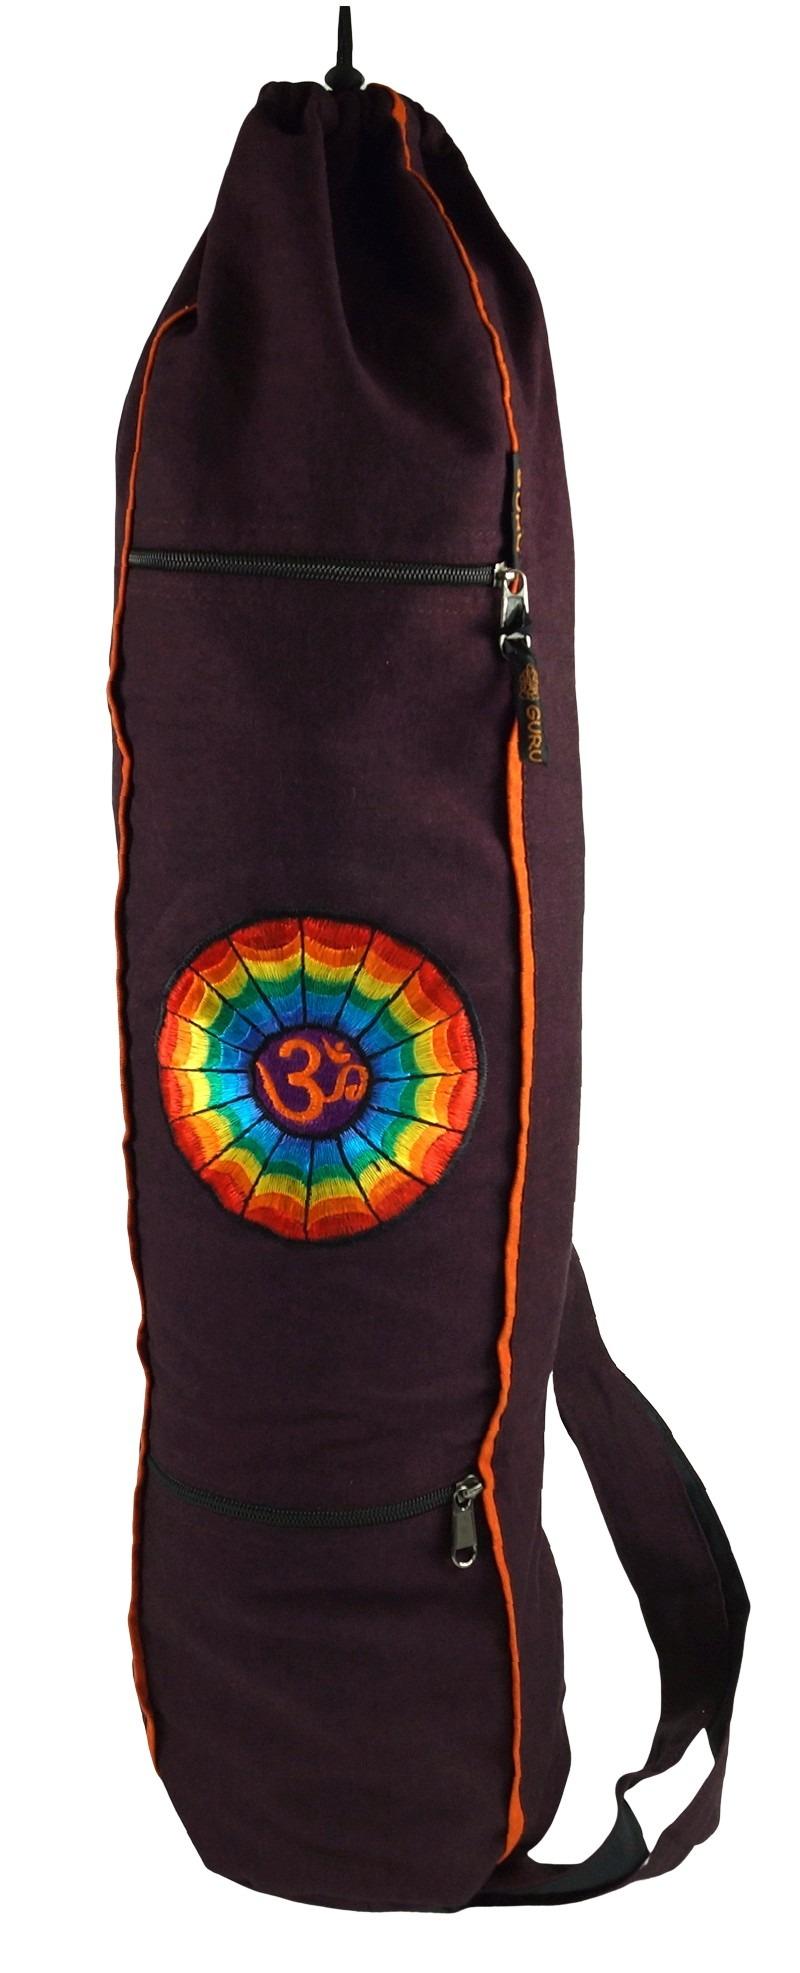 Yogamatten-Tasche Regenbogen Om - wine - 65*15*15*15 cm